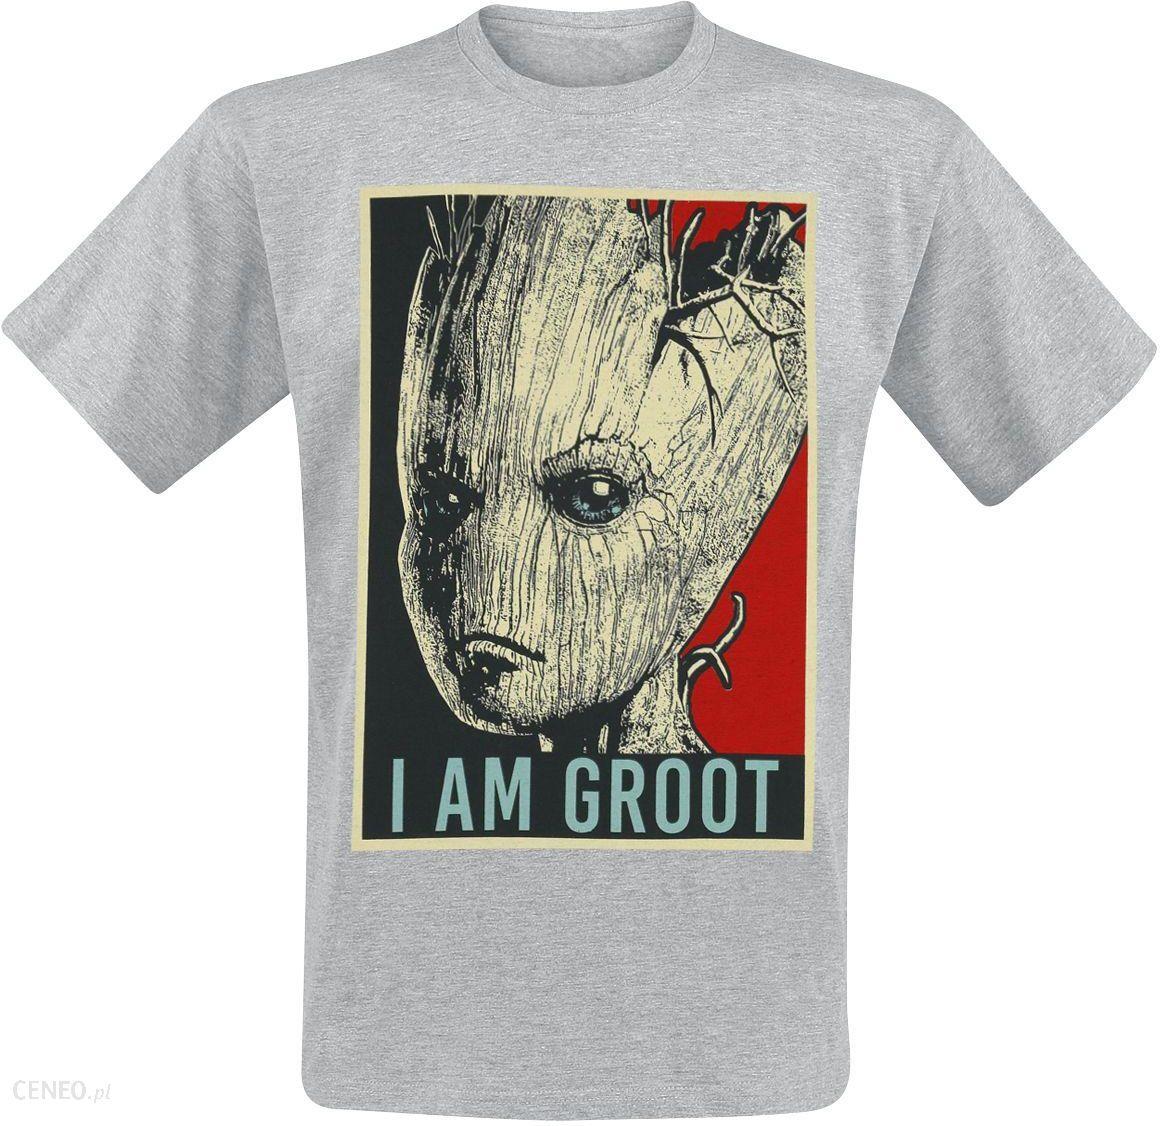 c886c2c69 Guardians Of The Galaxy - I Am Groot - T-Shirt - Mężczyźni - odcienie